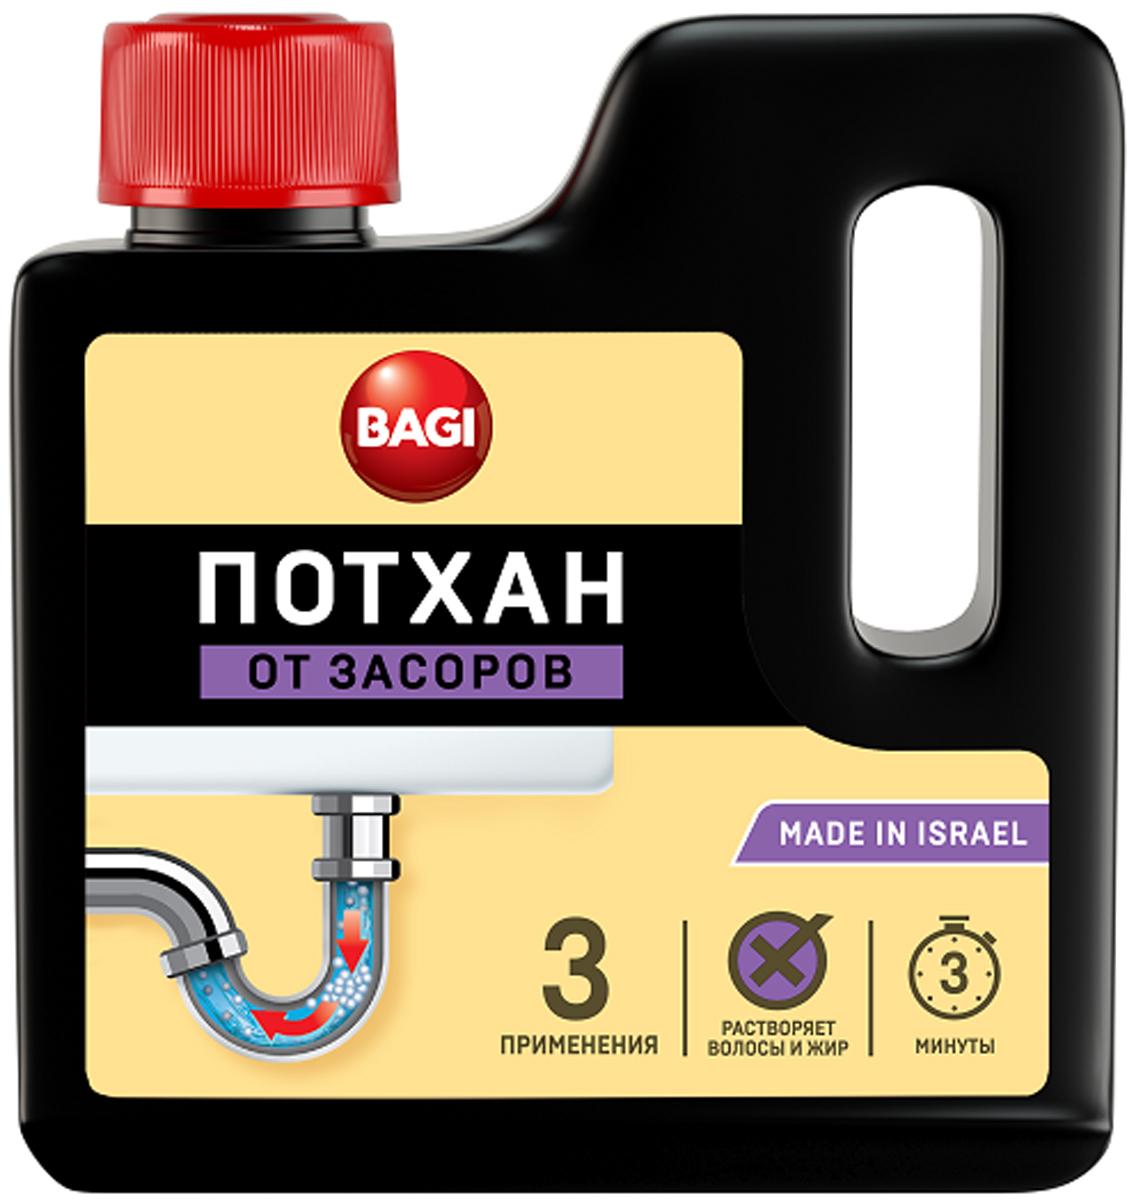 """Bagi """"Потхан"""" - это гранулированное эффективное и экономичное средство для прочистки   засоров в раковинах, ваннах, унитазах. Безопасен для пластиковых и металлических труб.   Быстро и без остатка растворяет остатки пищи, известковый налет, бумагу, волосы и др.   загрязнения.  Способ применения: удалить воду из раковины (ванны) примерно на 5 см ниже уровня сливного   отверстия. Обеспечить хорошую проветриваемость помещения.  Осторожно насыпать полстакана (70-100 гр) препарата в сливное отверстие, держа бутылку на   вытянутой руке и отстранив голову. Добавить примерно полстакана (70-100 мл) горячей воды,   также держа стакан на вытянутой руке. Подождать не более 3 минут и промыть трубу теплой   проточной водой. При сильном засоре повторить действие. Регулярное применение очистителя   избавит вас от проблем, связанных с механической прочисткой отстойников и труб.  Меры предосторожности: Препарат не употреблять пищу! Хранить в недосягаемом для детей месте. В случае попадания в глаза, немедленно промыть   проточной водой.    Уважаемые клиенты! Обращаем ваше внимание на то, что упаковка может иметь несколько видов дизайна.   Поставка осуществляется в зависимости от наличия на складе.      Как выбрать качественную бытовую химию, безопасную для природы и людей. Статья OZON Гид"""